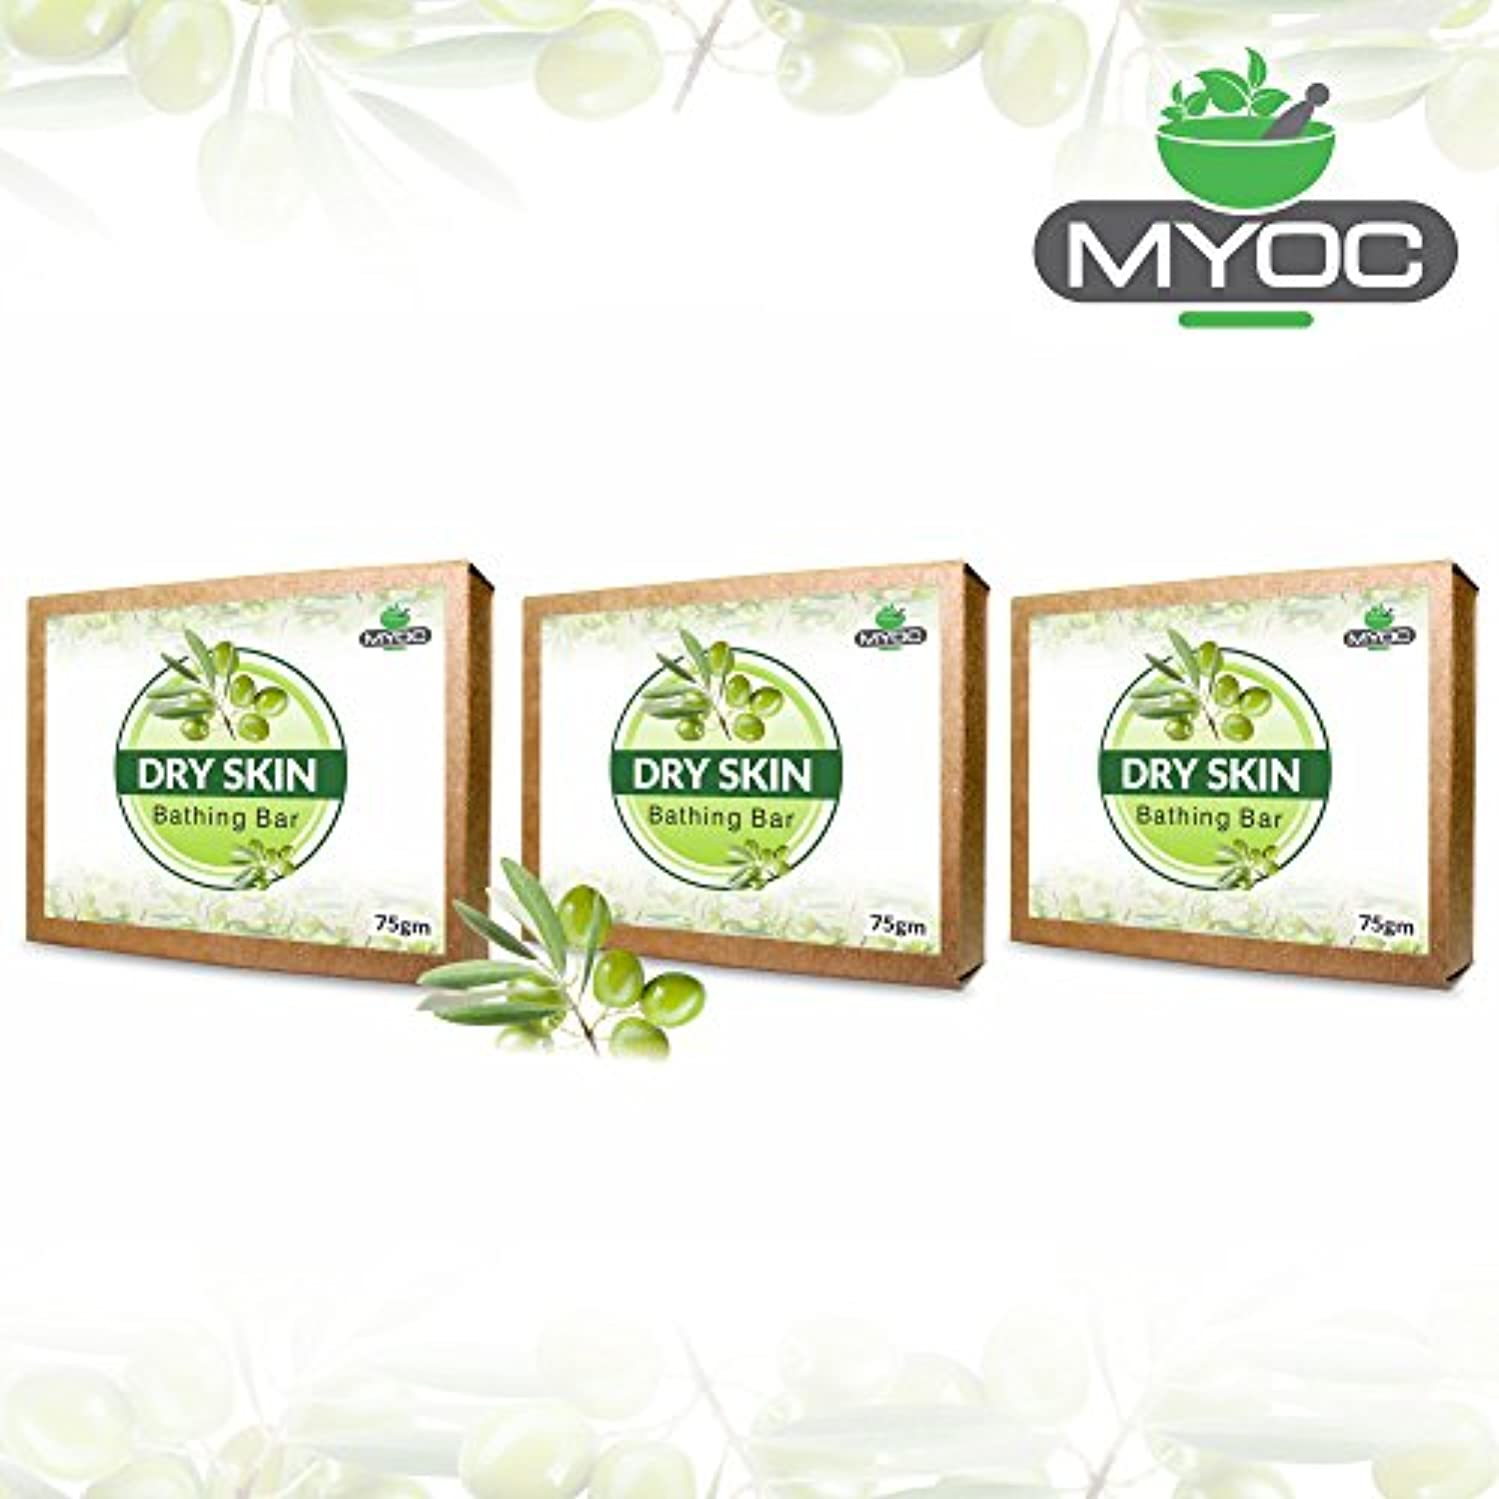 ノート航空会社なぜならOlive oil and glycerine soap for dry skin 75gm x 3 Pack